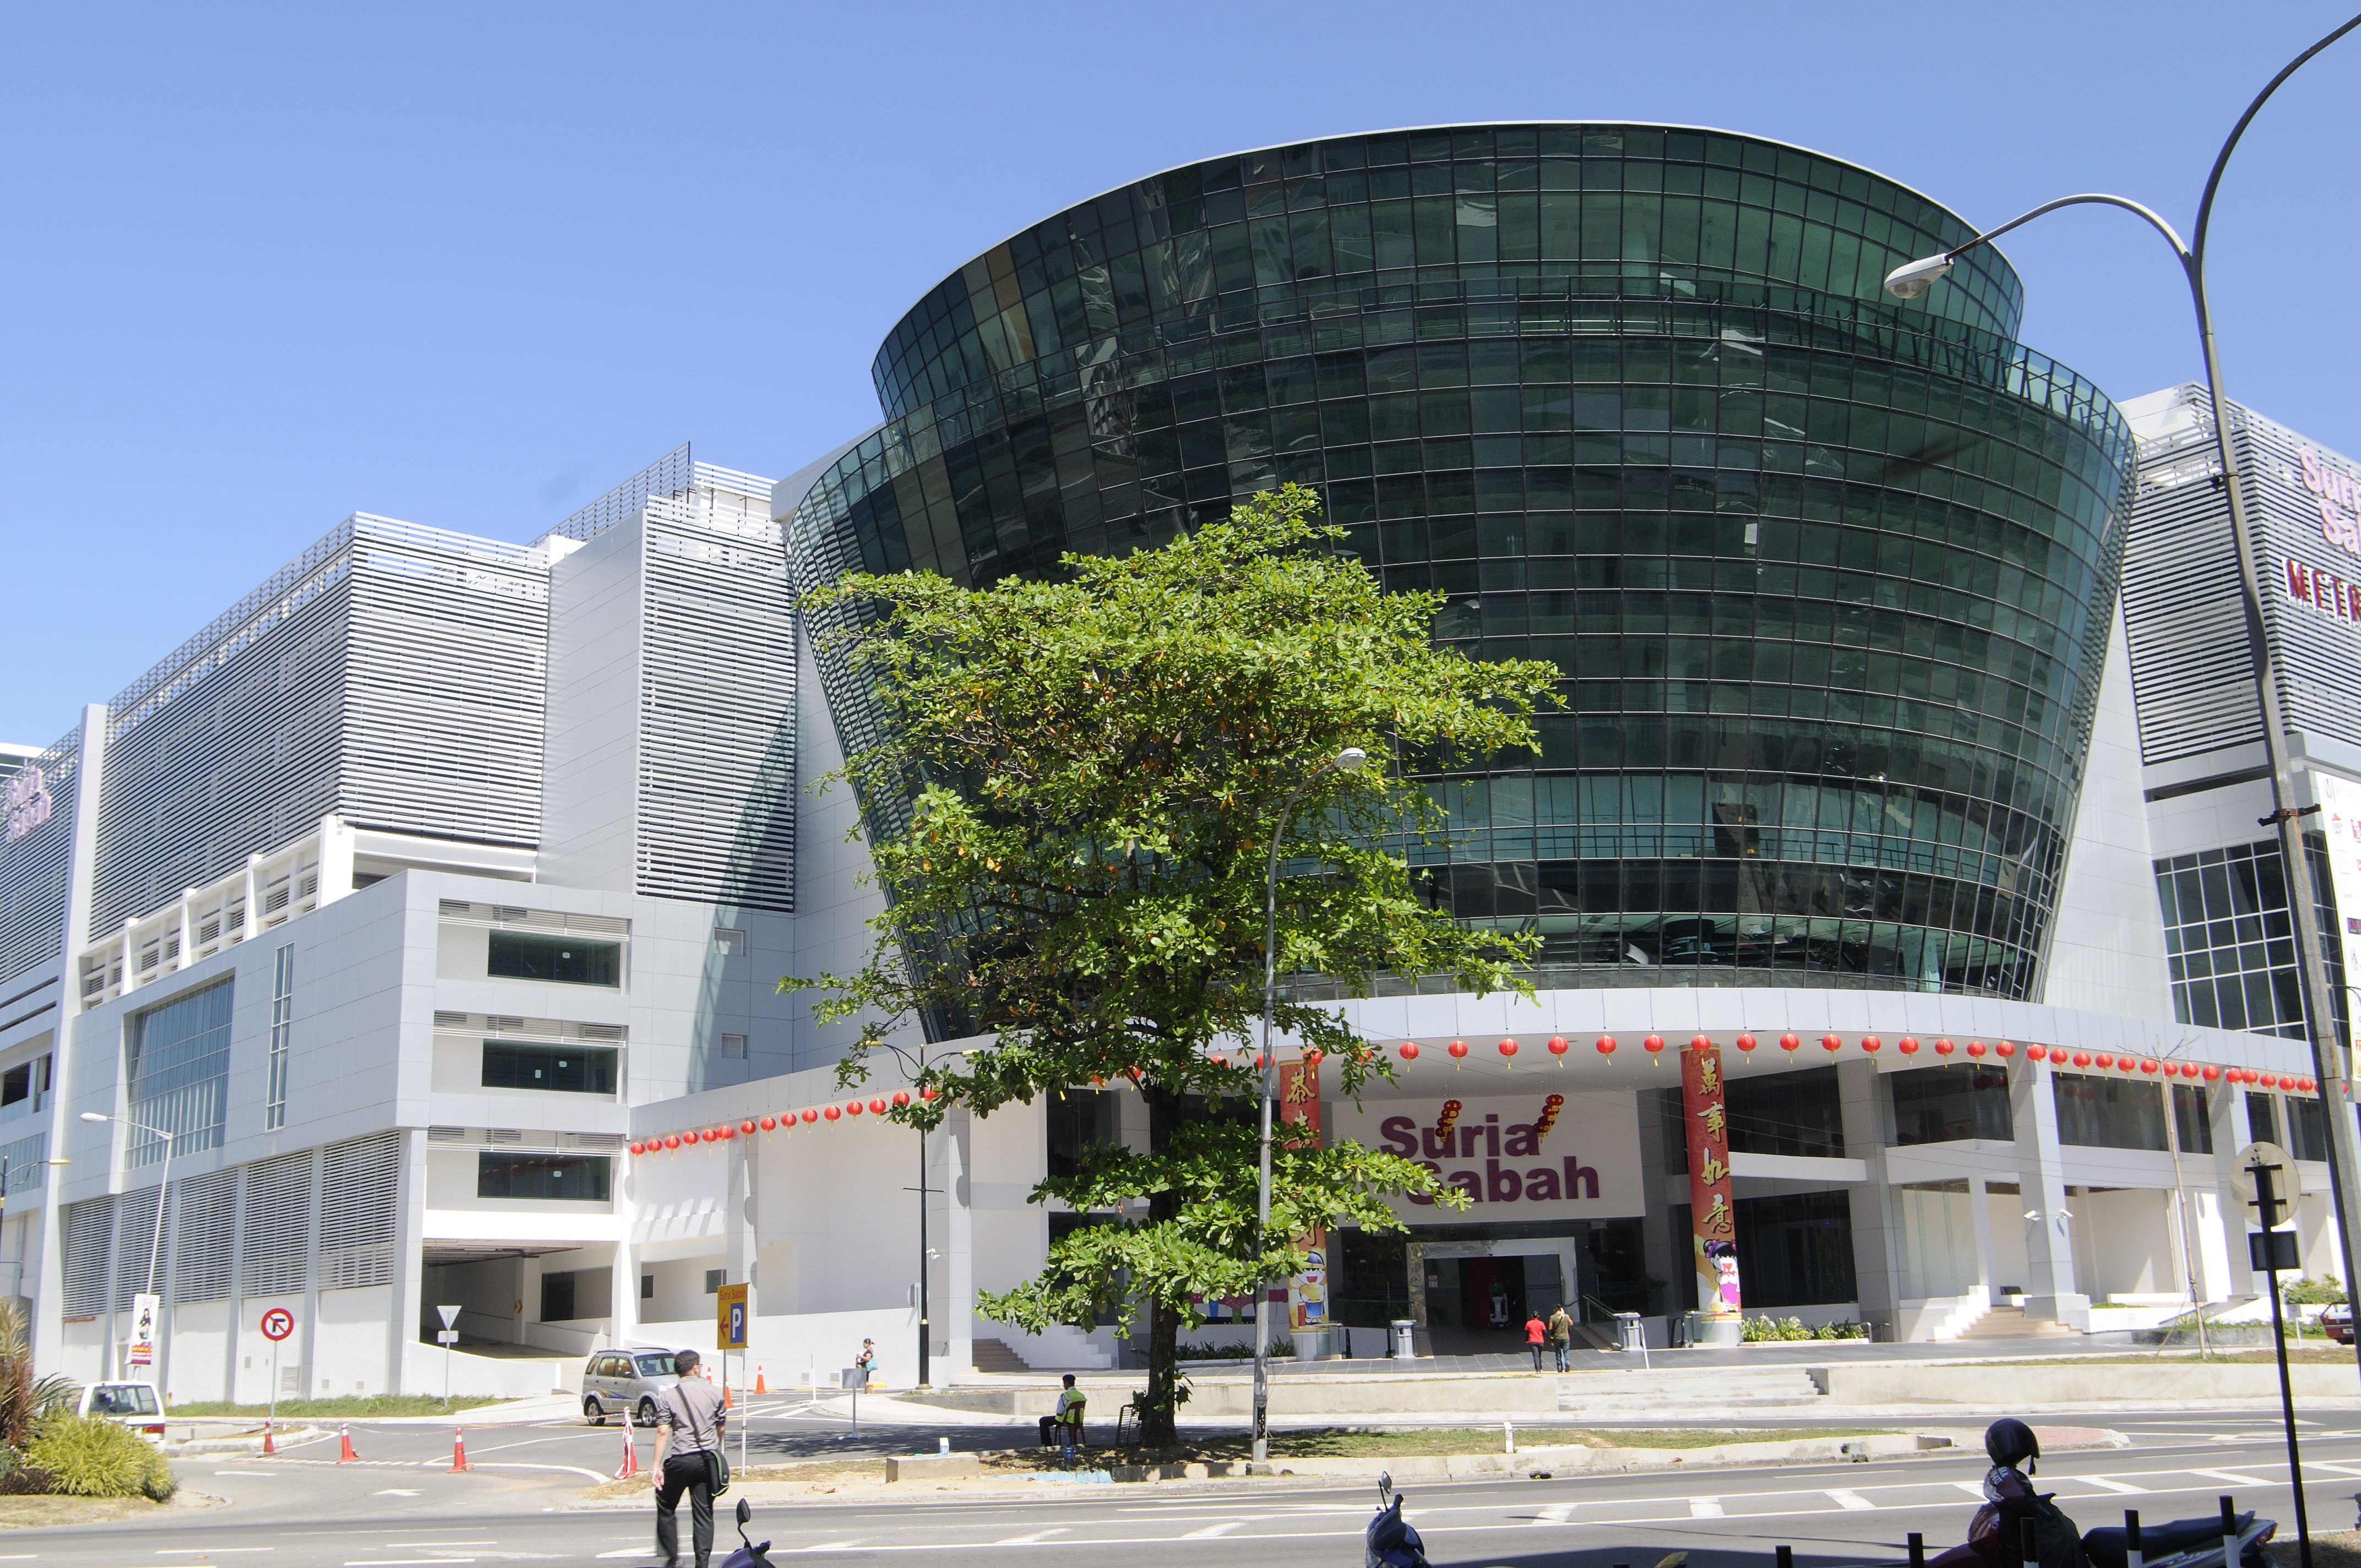 Suria Sabah mall in Kota Kinabalu, Sabah, Borneo